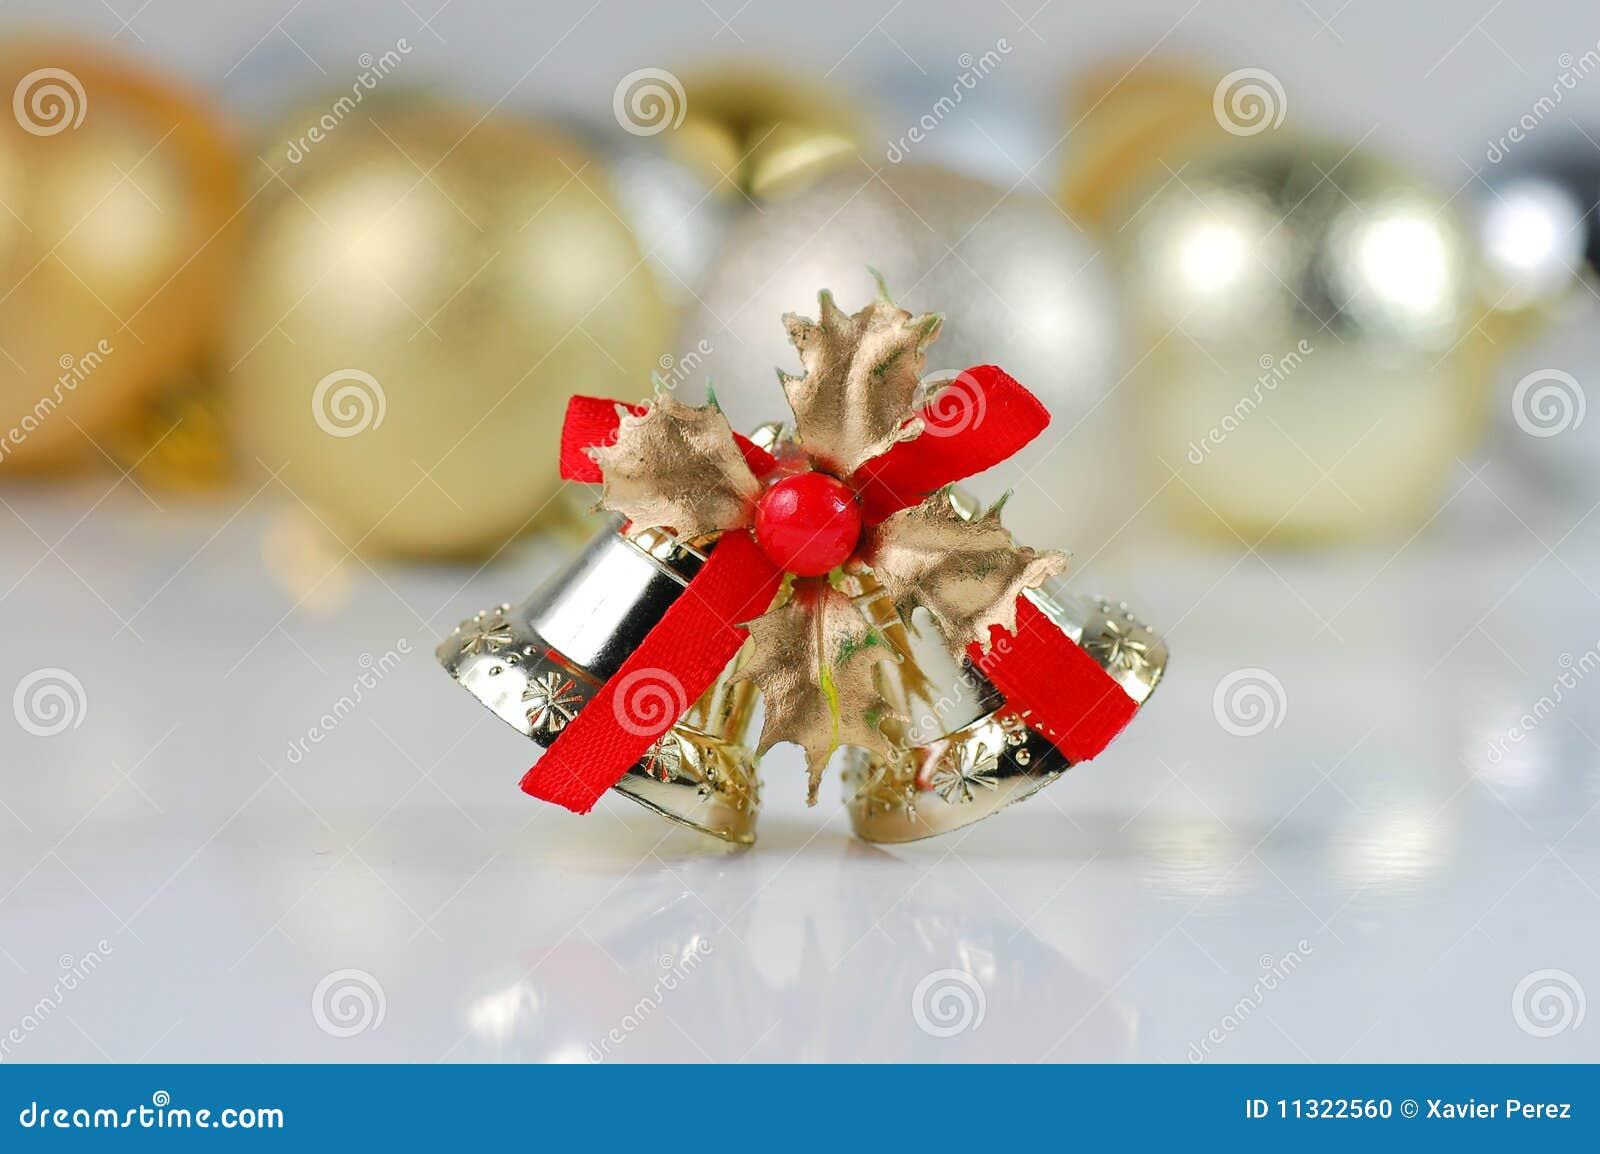 Weihnachtsgelbe und silberne Kugeln und Glocke